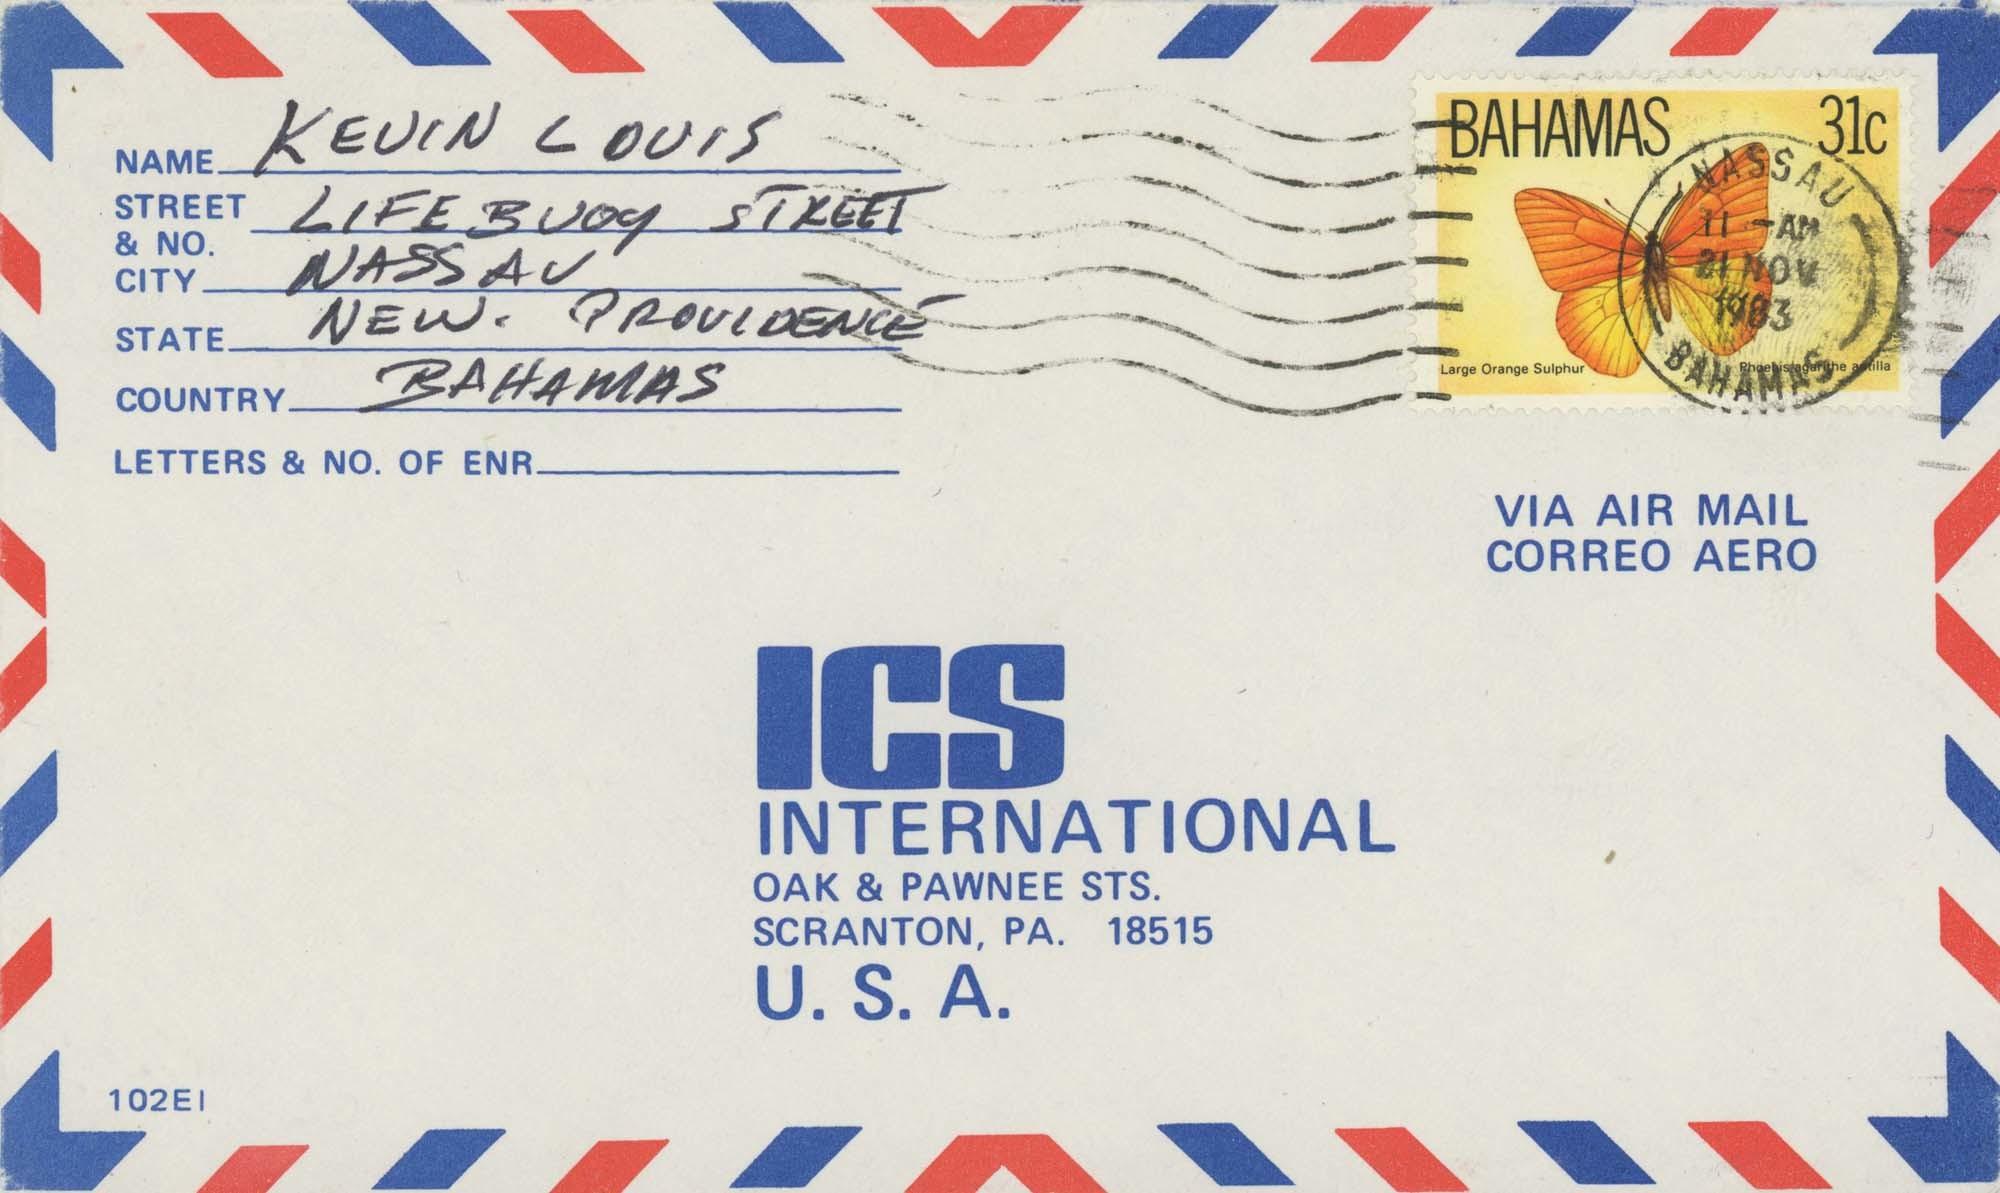 Nassau:21-Nov-1983